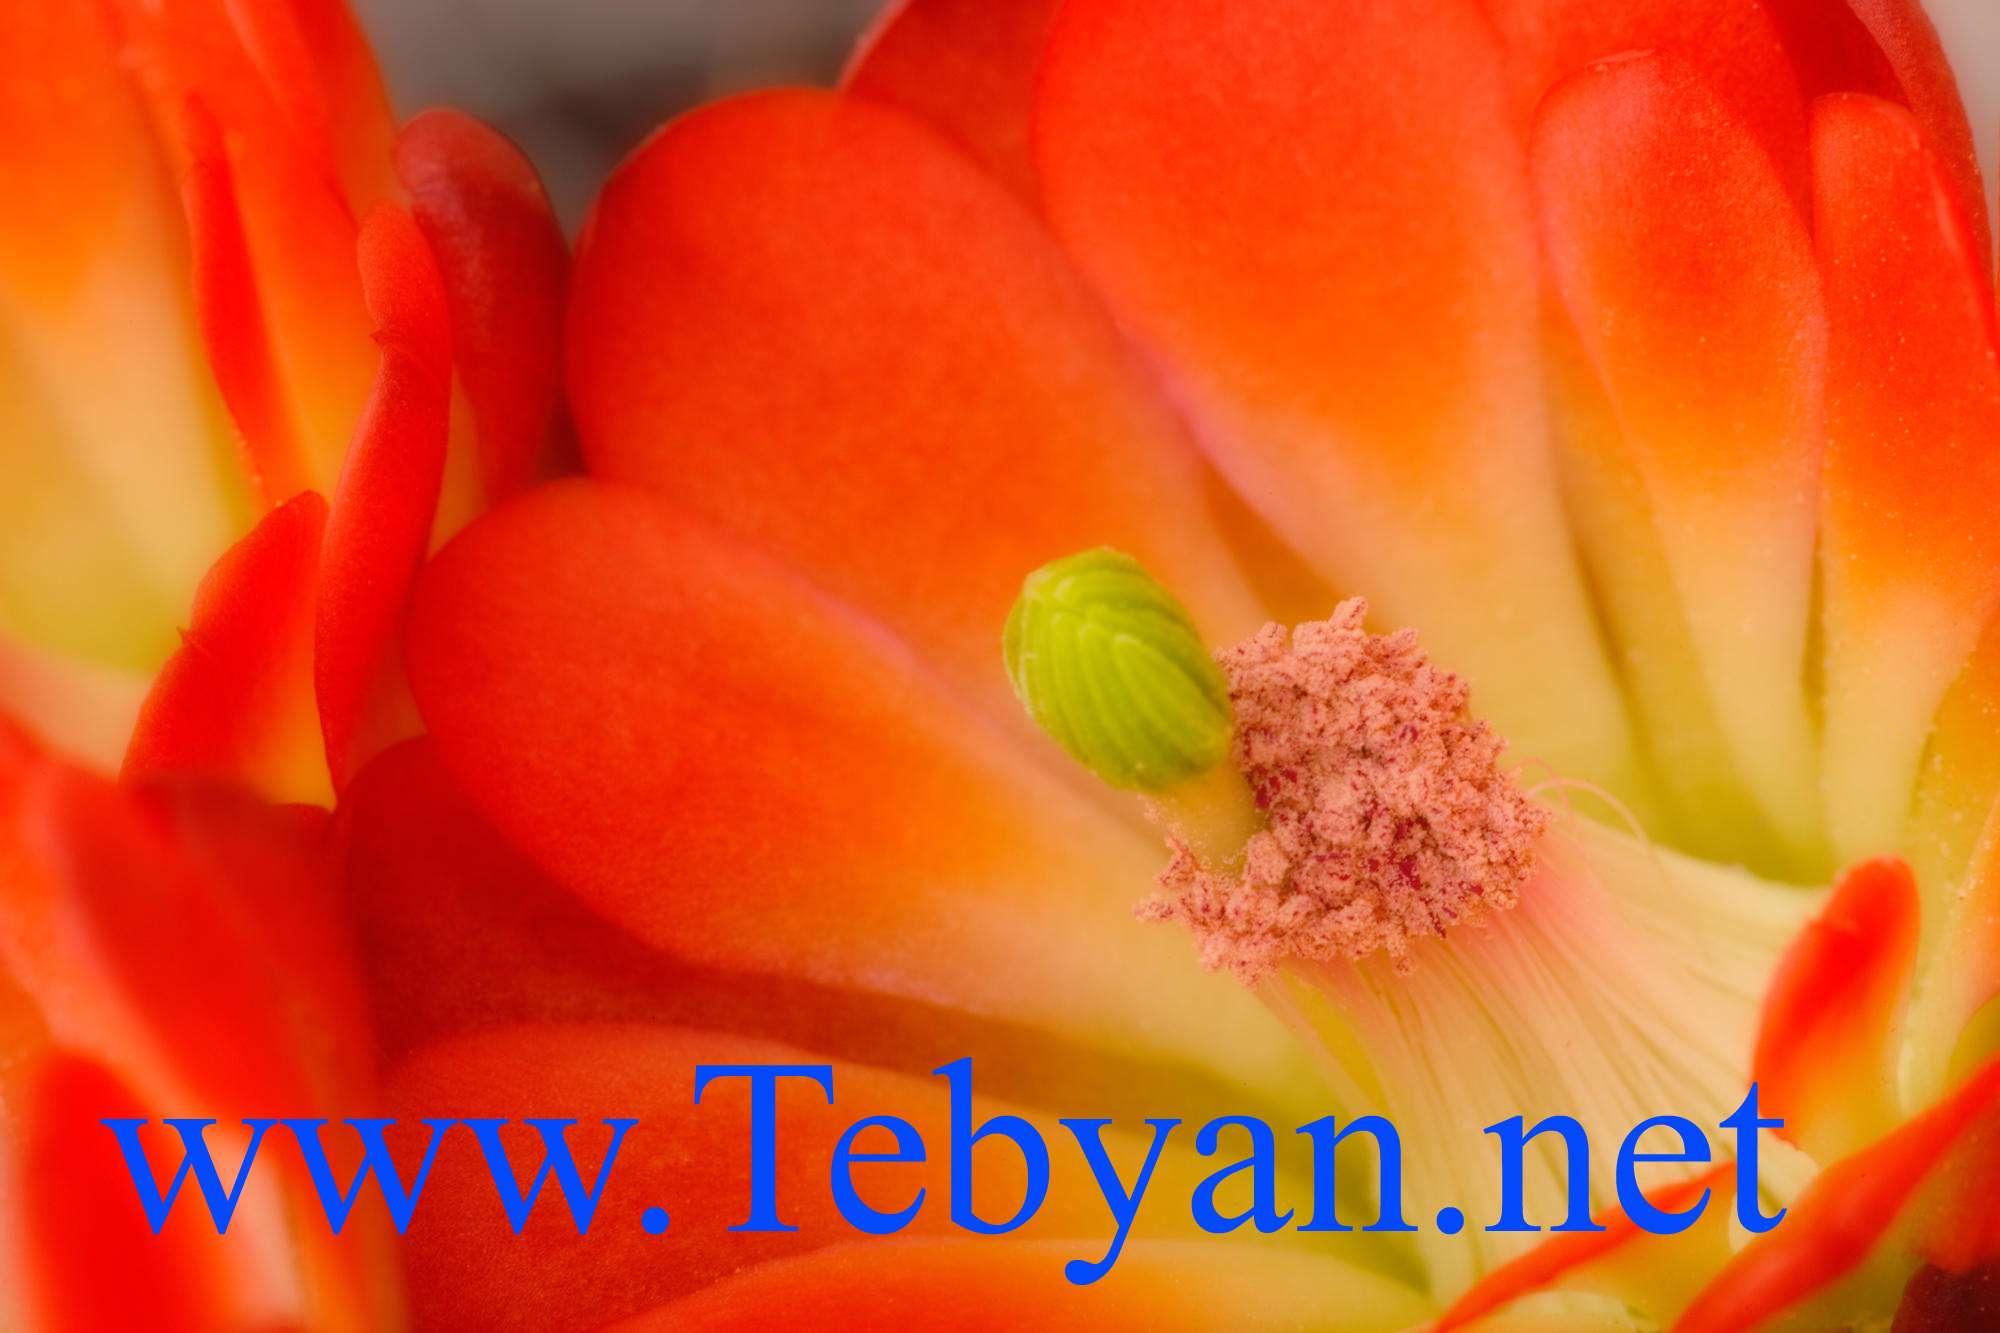 تصاویر ویژه از گل های وحشی